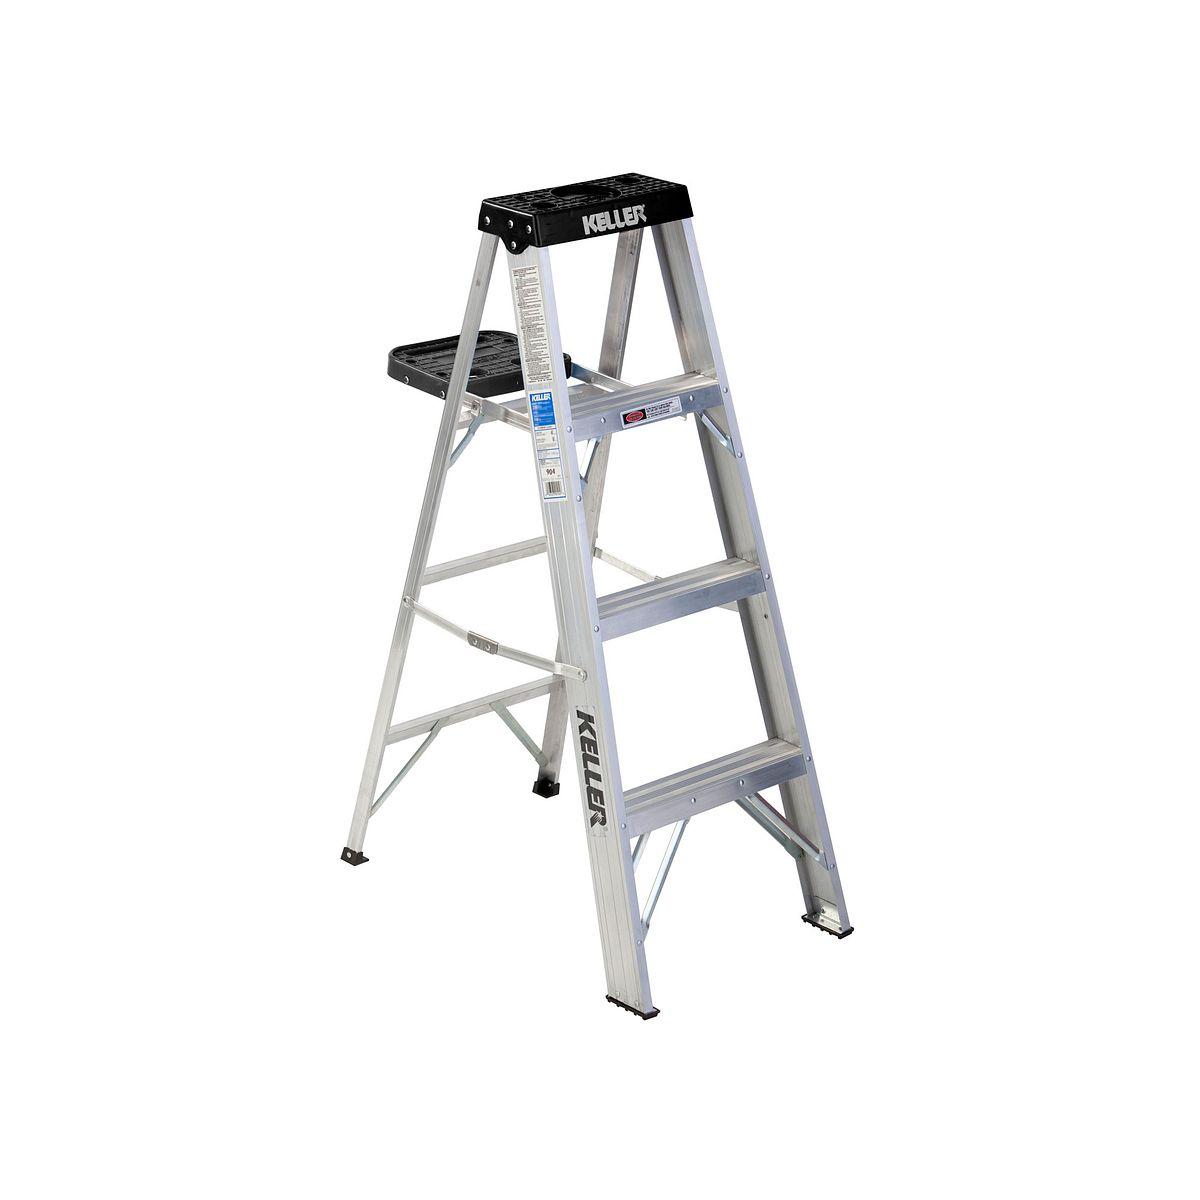 904 Step Ladders Keller Us